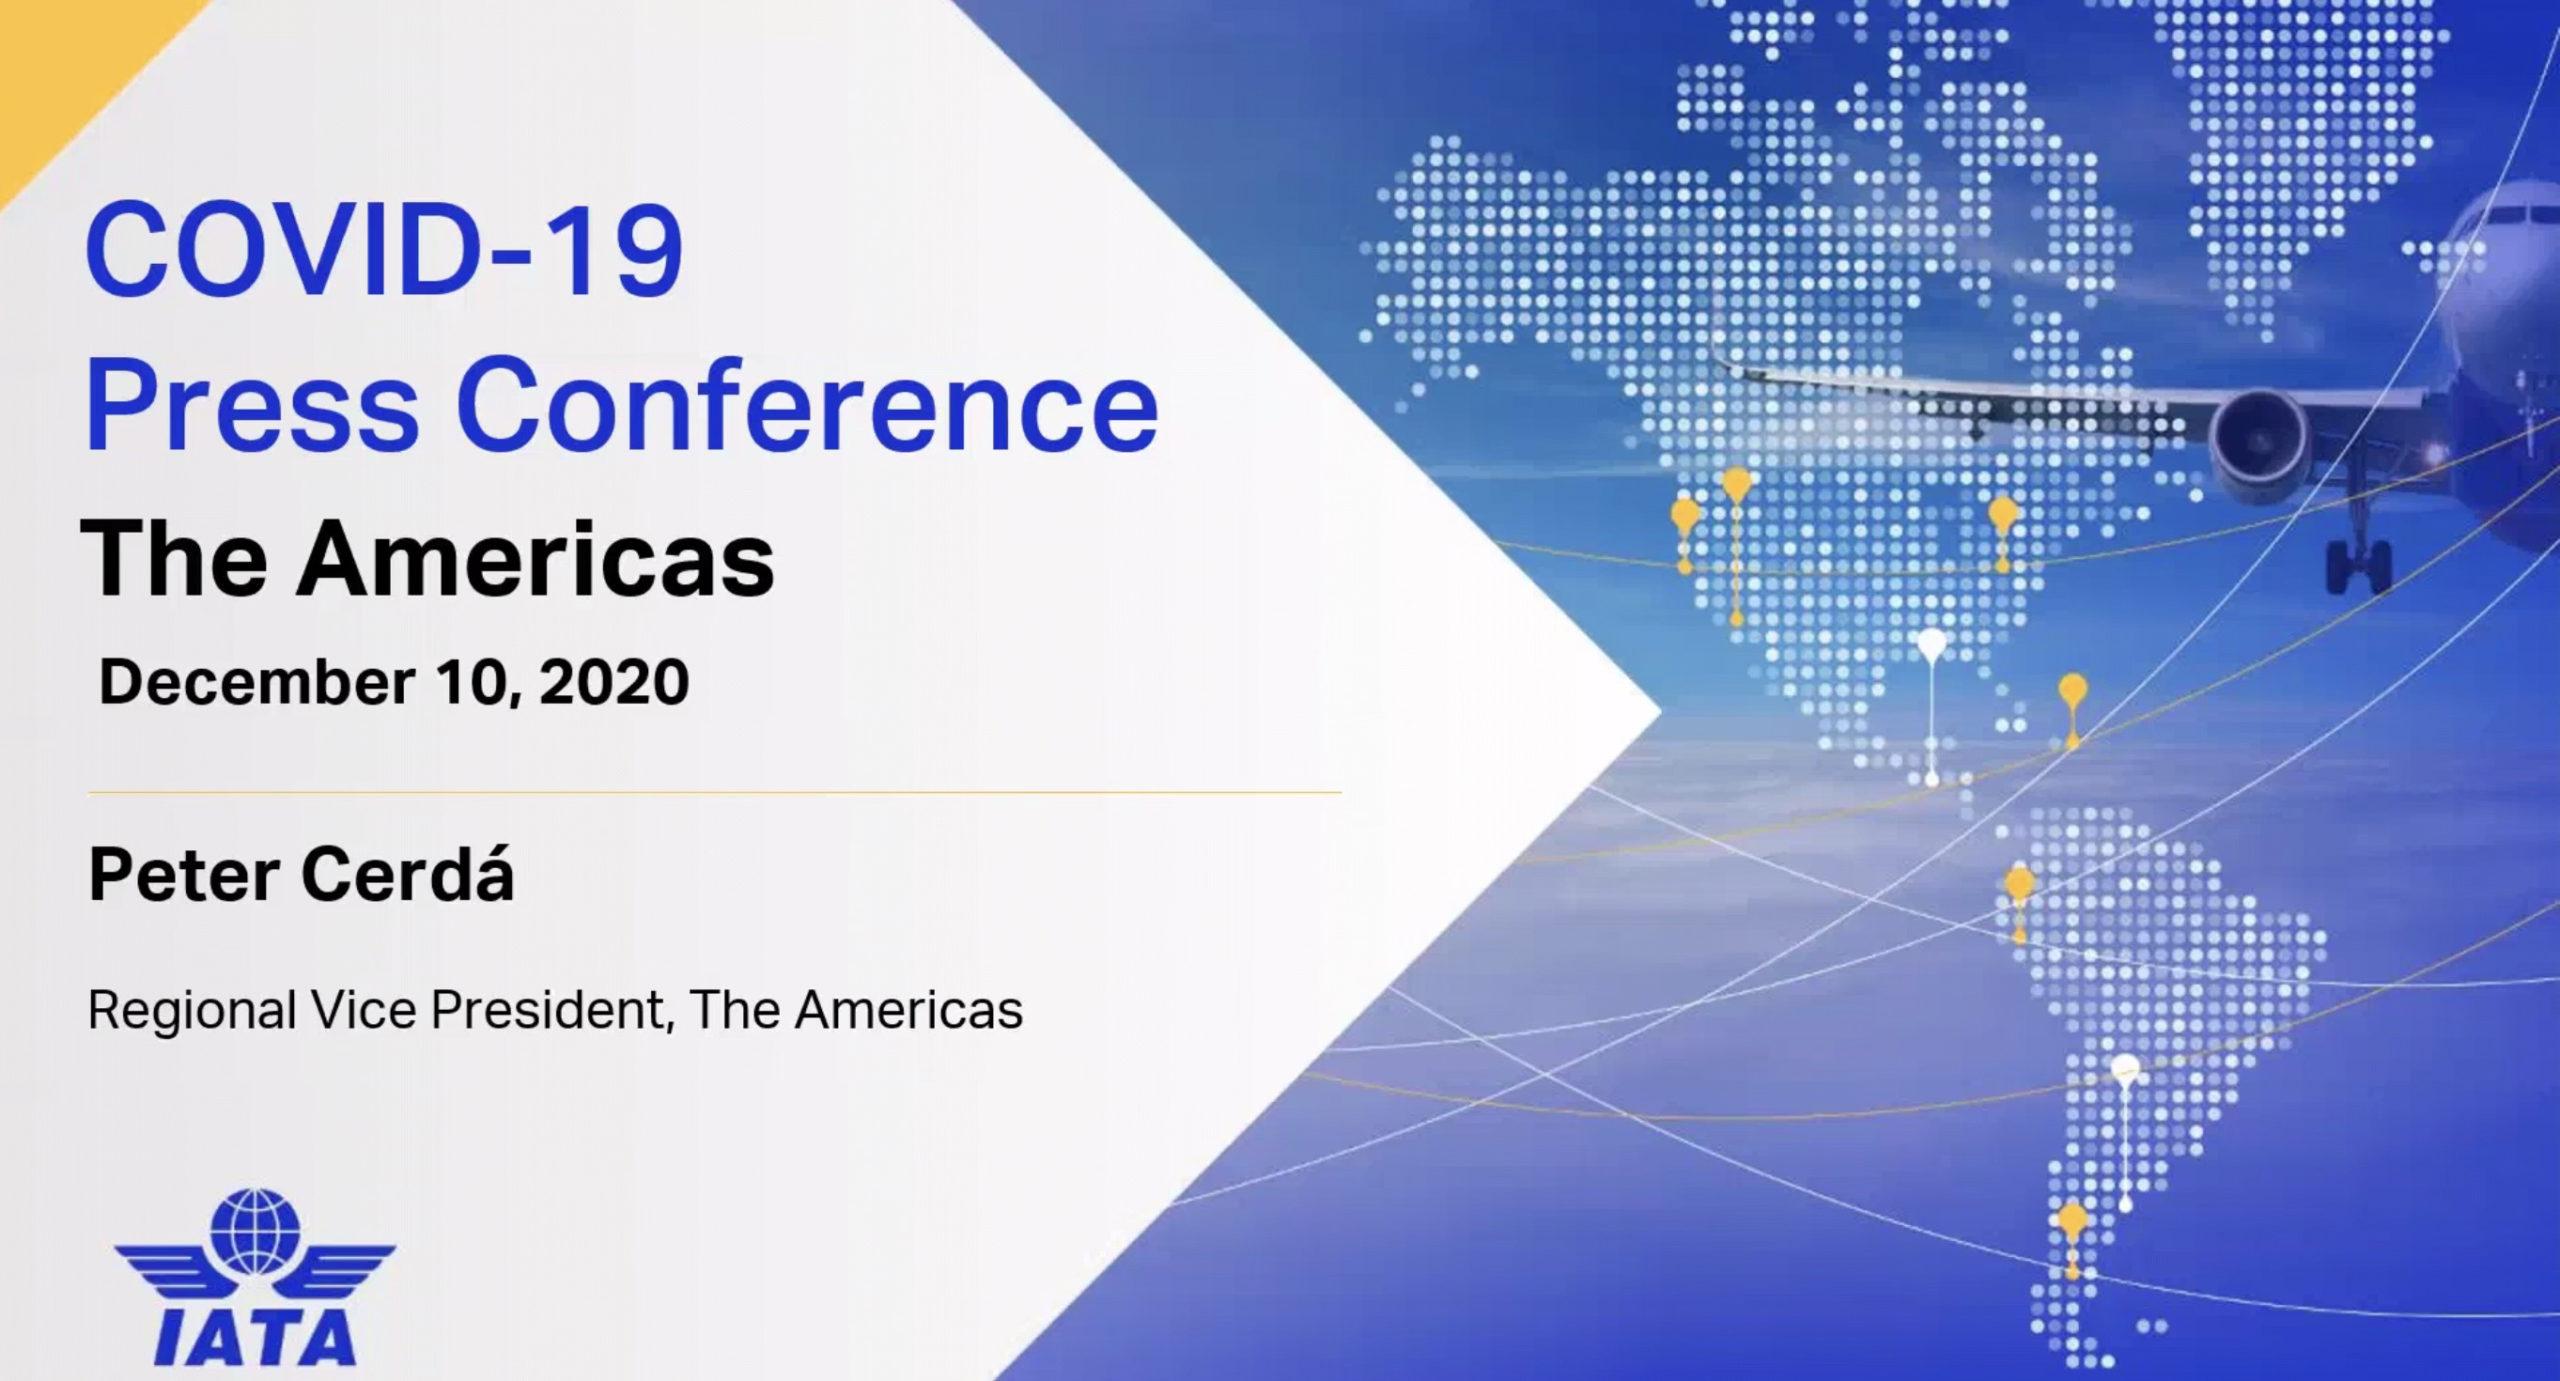 IATA Media Conference Call / Convocatoria de Prensa Virtual 10DEC20